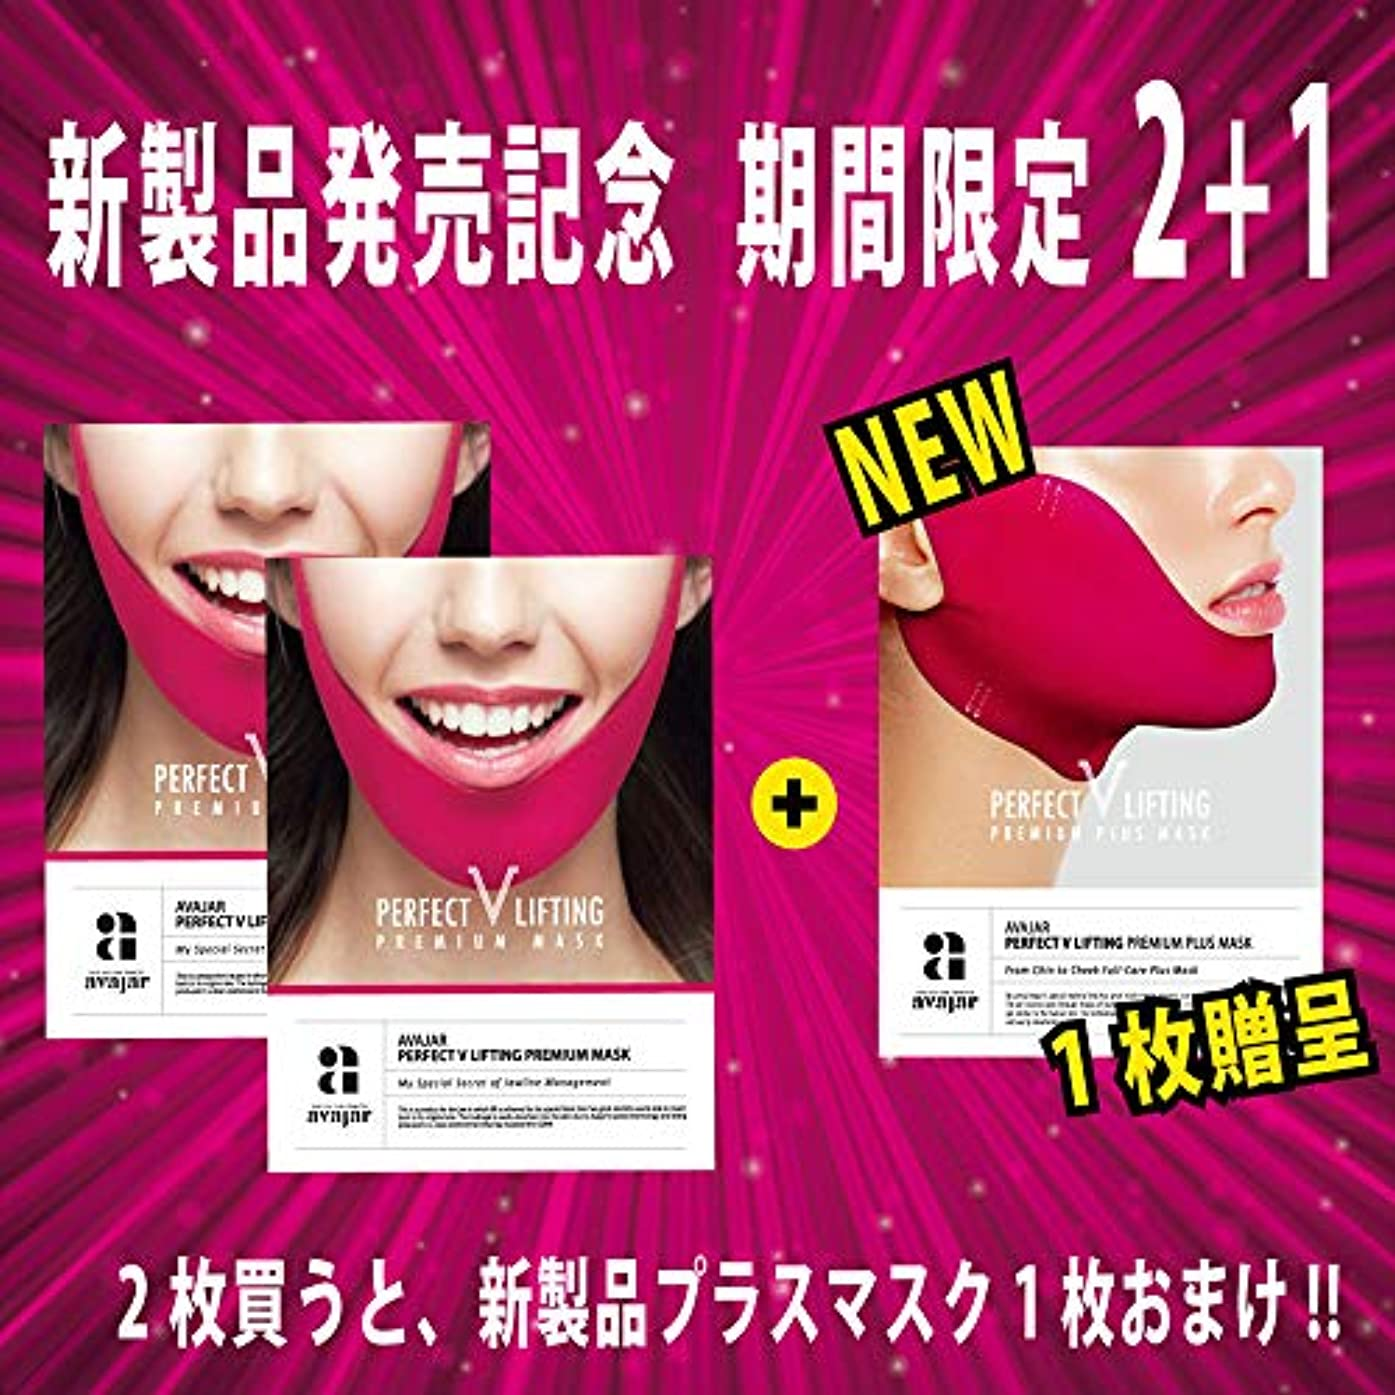 だます監督する引く【新製品販売記念2+1限定】Avajar パーフェクト V リフティング プレミアムマスク 小顔効果と顎ラインを取り戻す 3パック